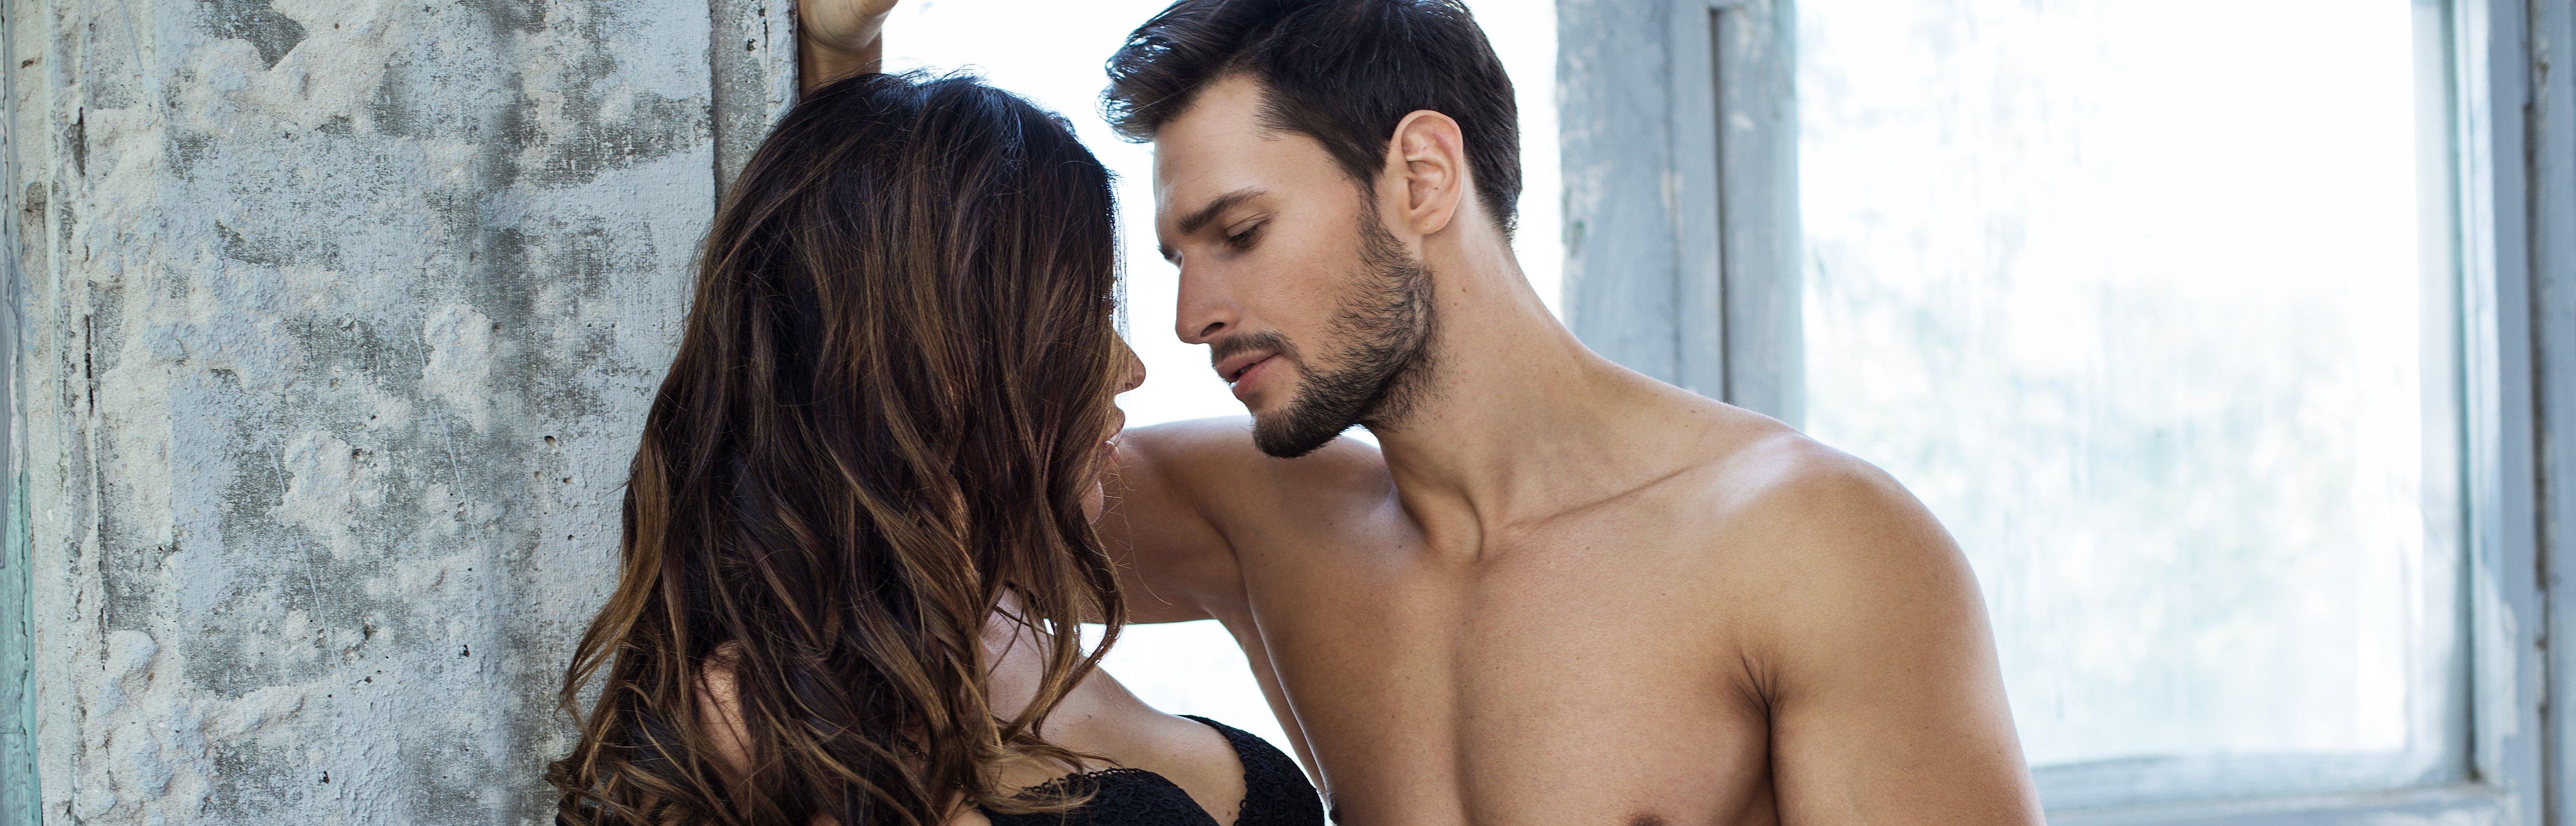 Как довести девушку до оргазма - фото 2